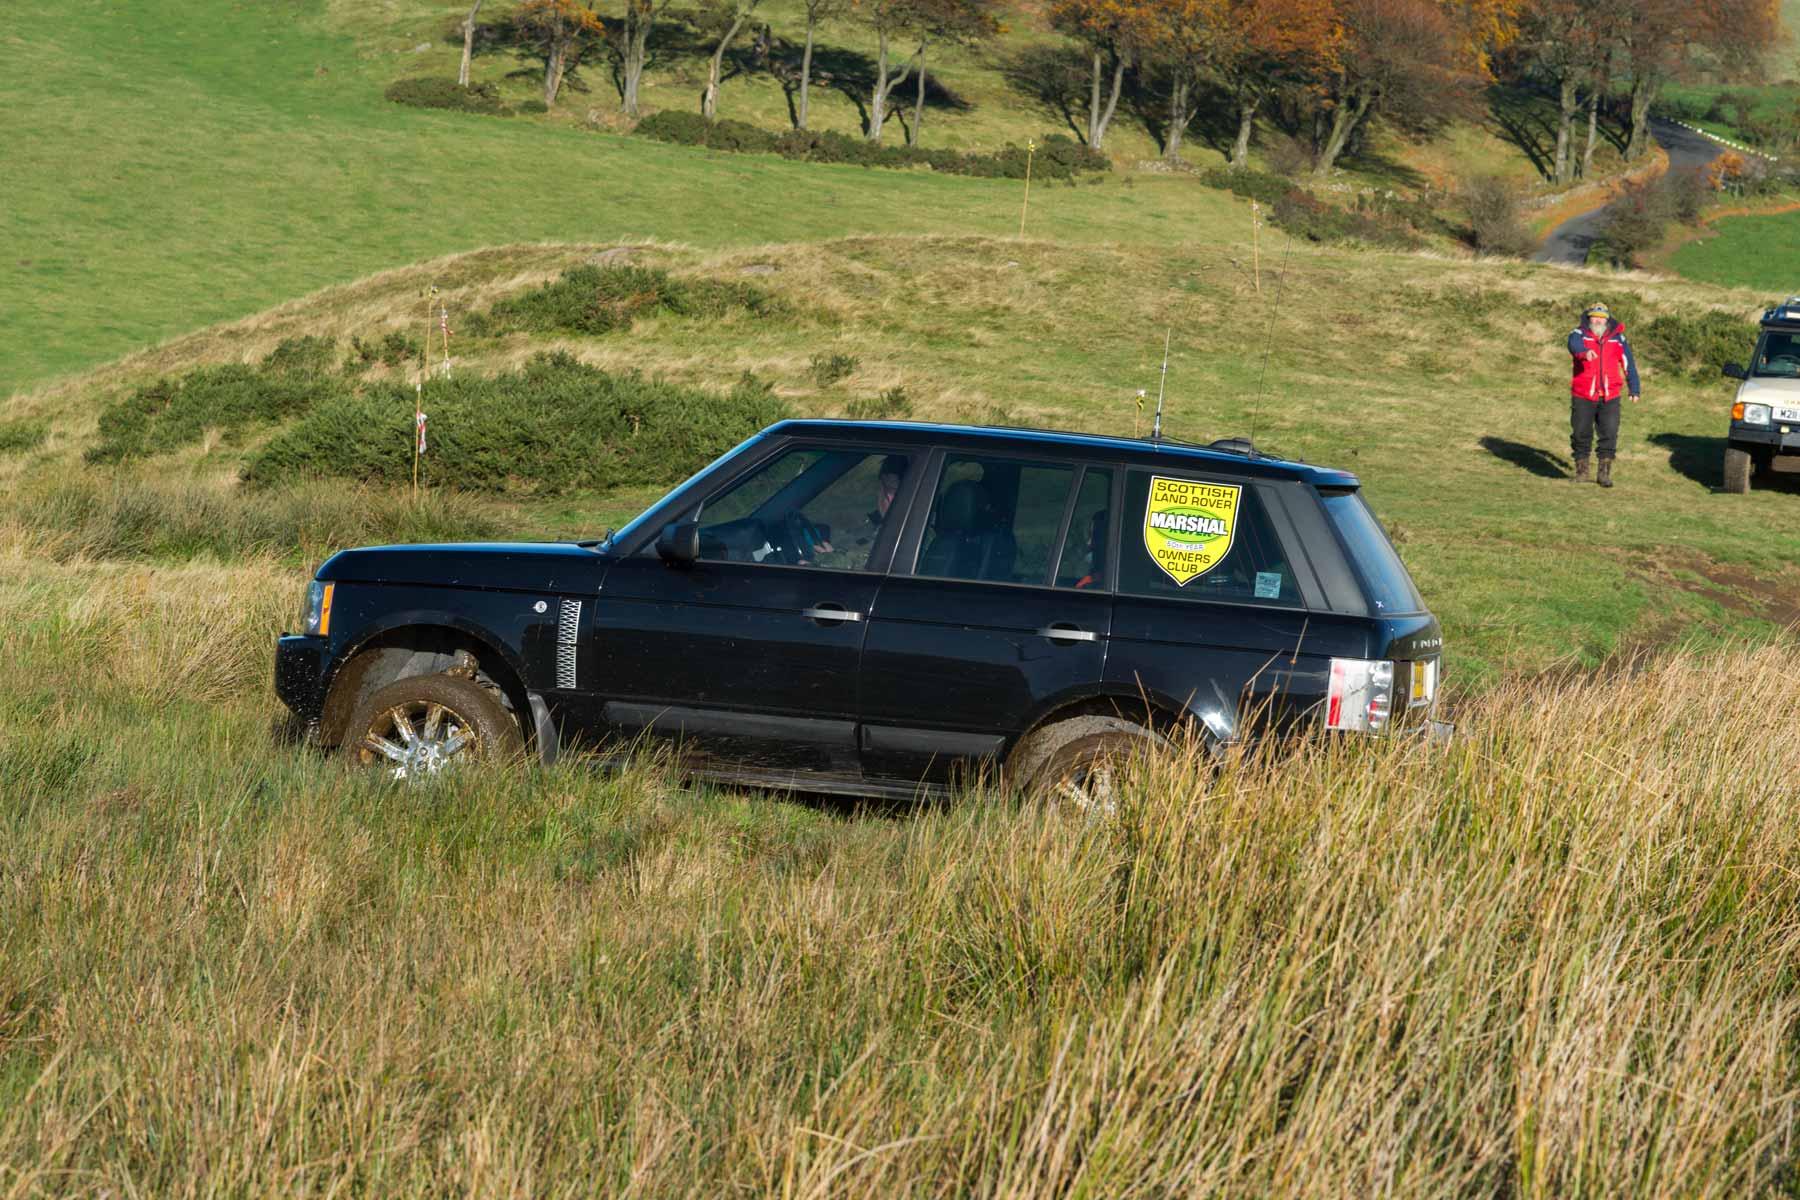 Mudmaster-2018-Range-Rover-L322.jpg